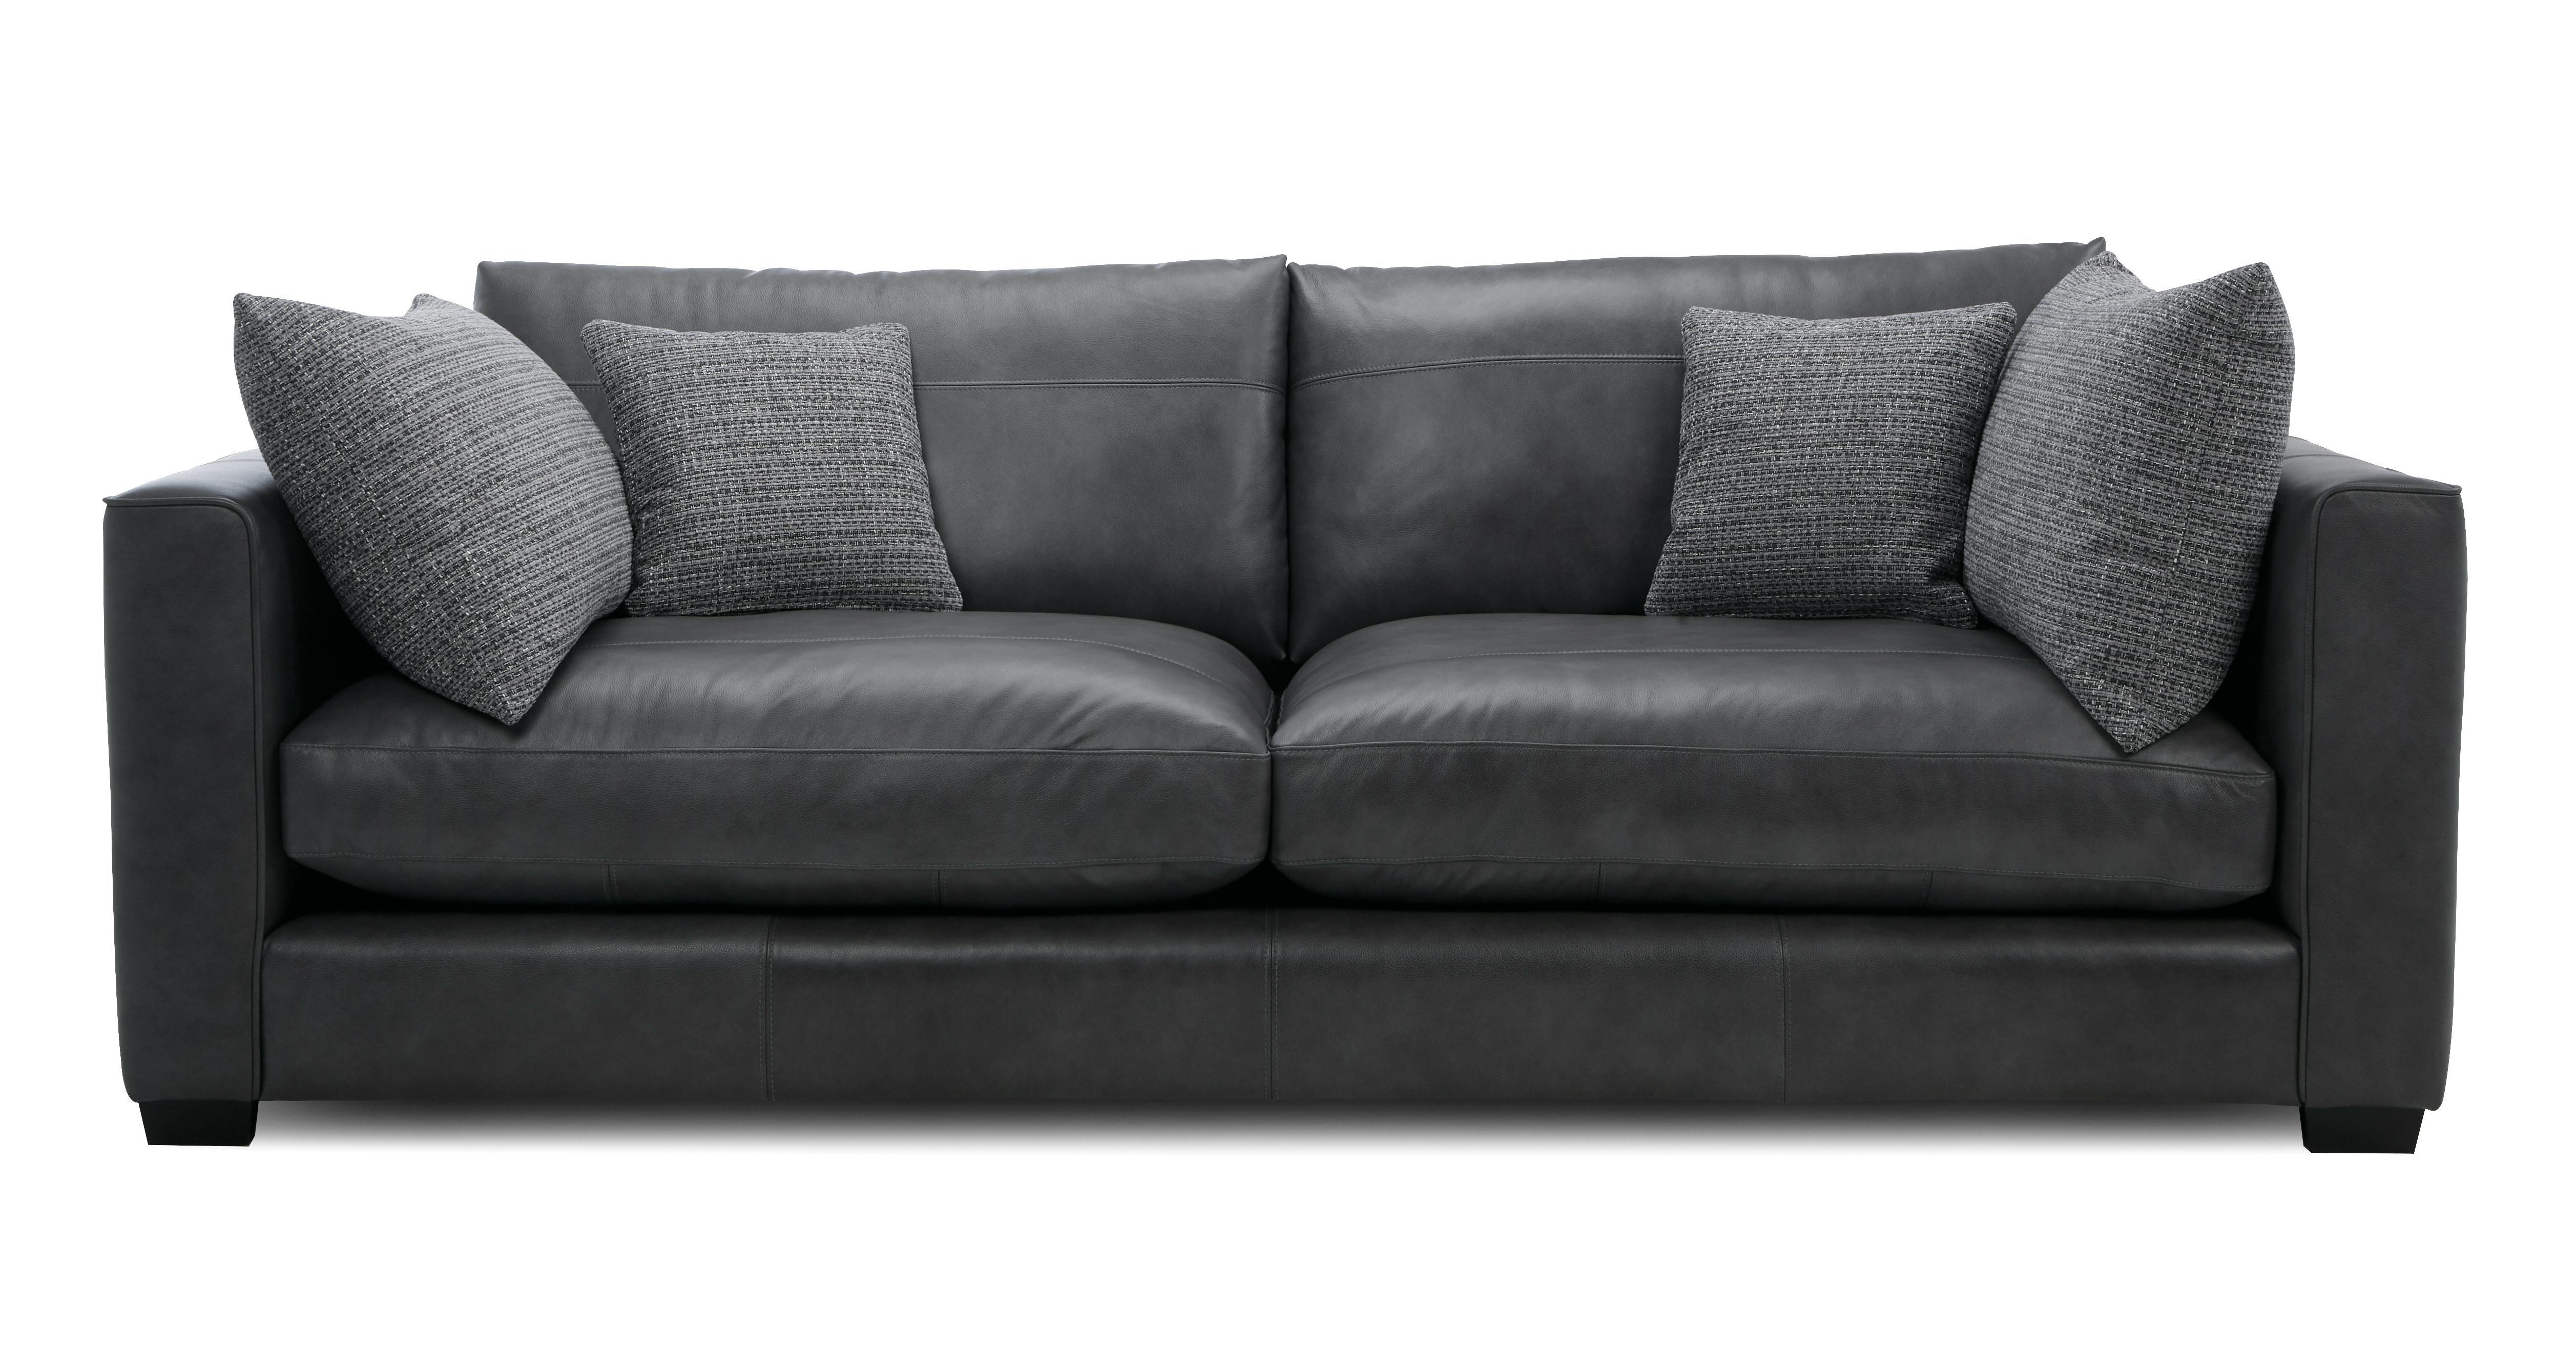 Dfs 4 Seater Sofa Keaton In 2020